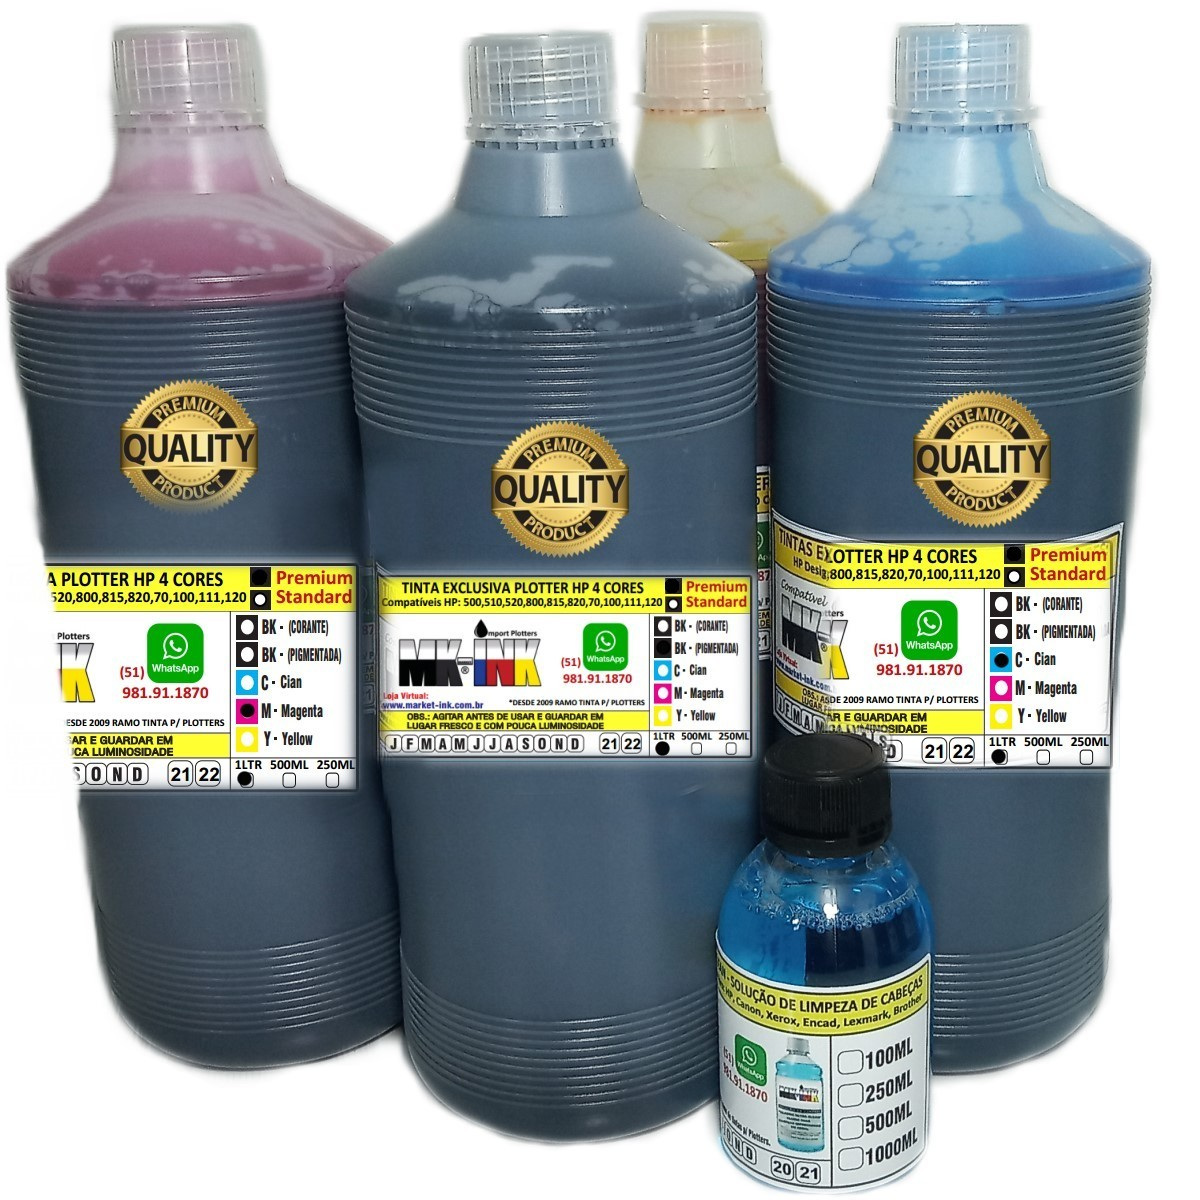 Tinta Premium Jg 4 litros Plotter HP 4 cores exclusiva p/ Plotter HP 500, 510, 520, 800, 815, 820, 70, 100, 110, 111, 120 etc.